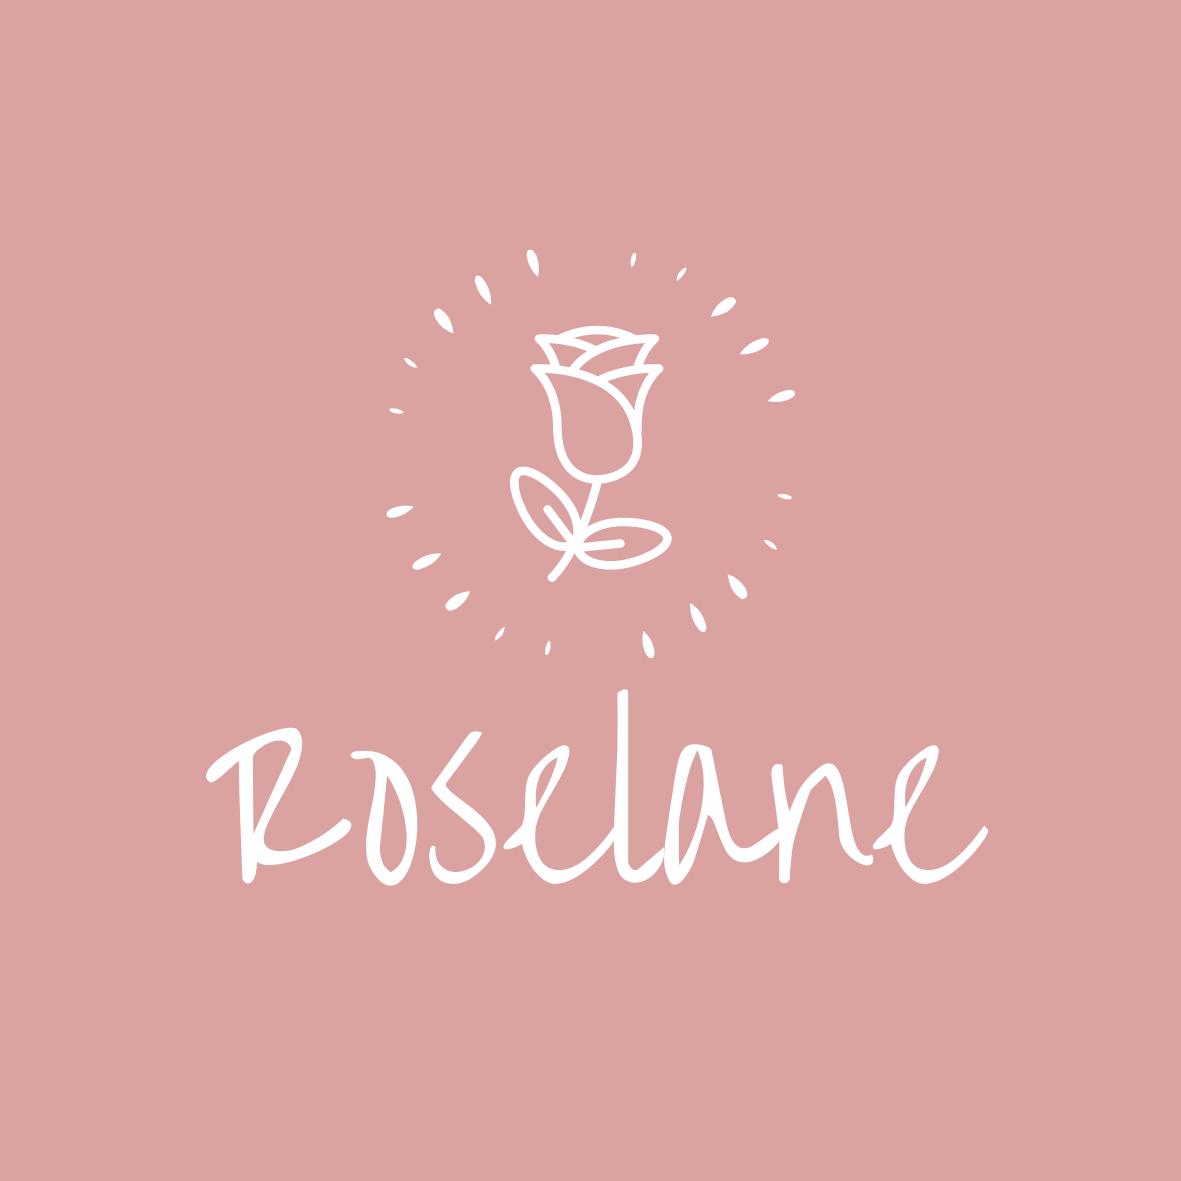 Roselane